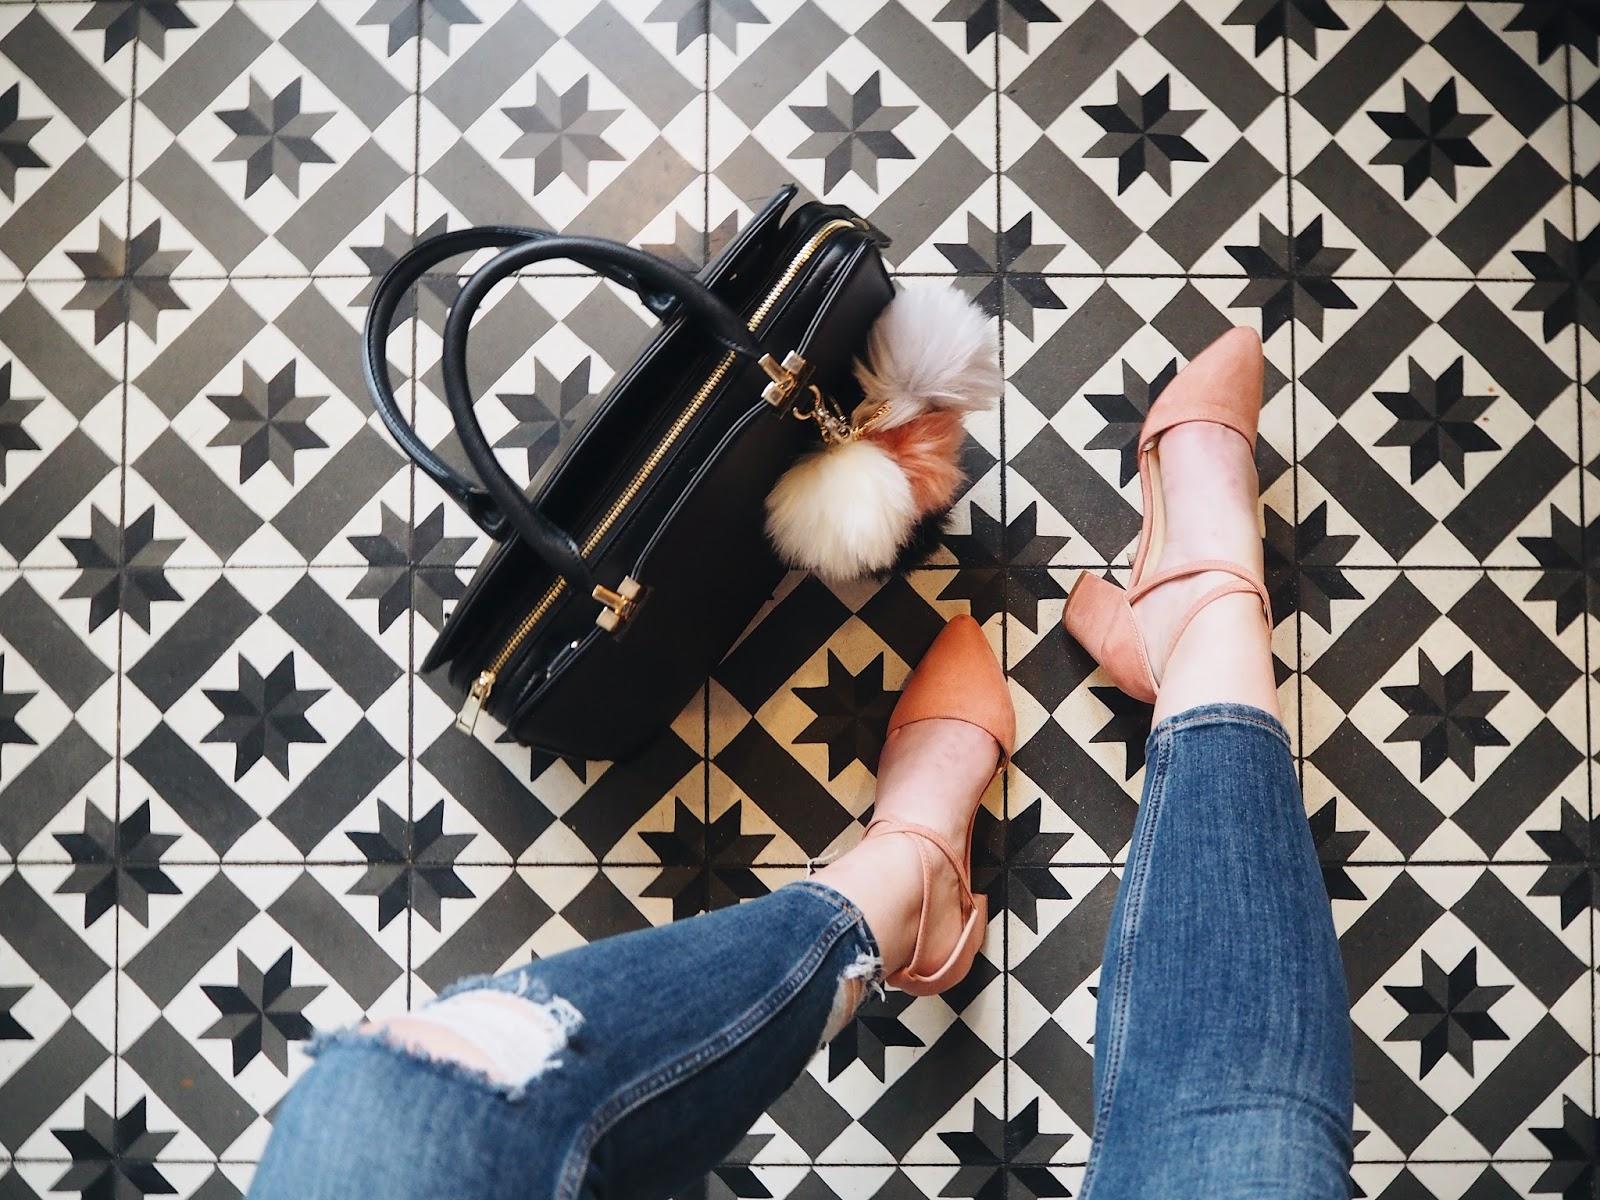 london based fashion blogger, london based style blogger, london based petite blogger, london petite style blogger, petite blogger, petite style blogger, london-based fashion blogger, good restaurants in london, restaurants in oxford street, aubaine london, london restaurant guide, aubaine selfridges